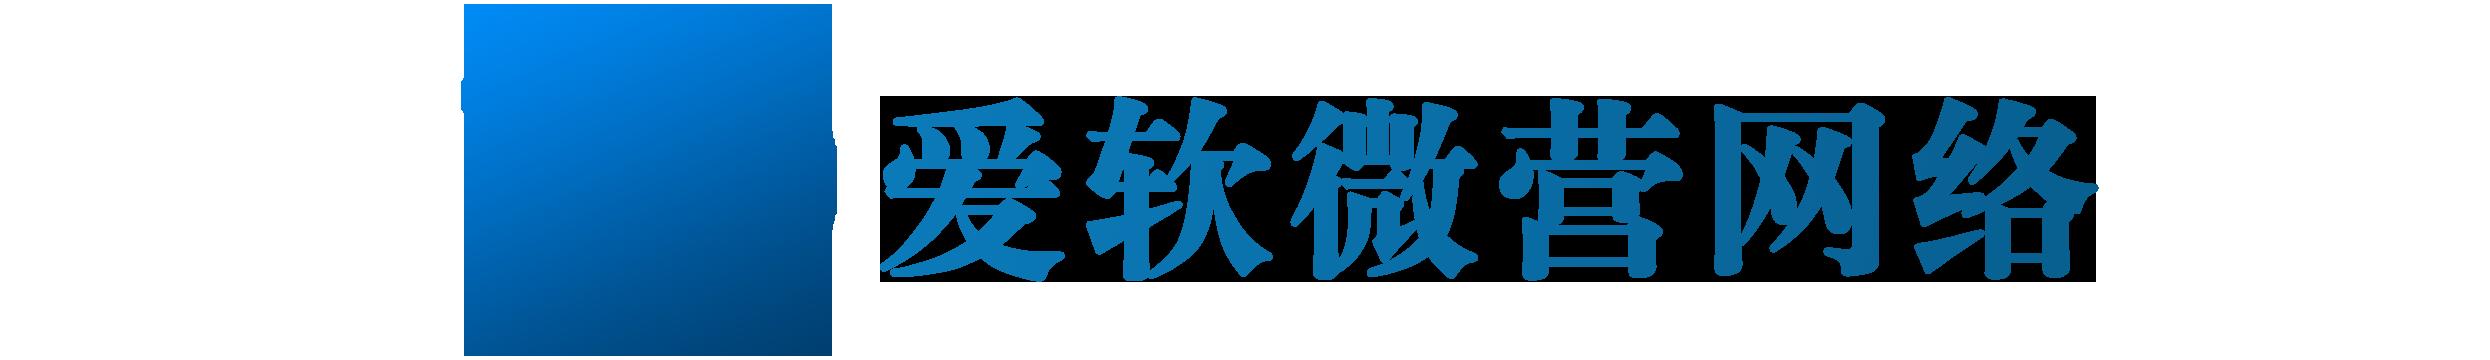 爱软微营网络